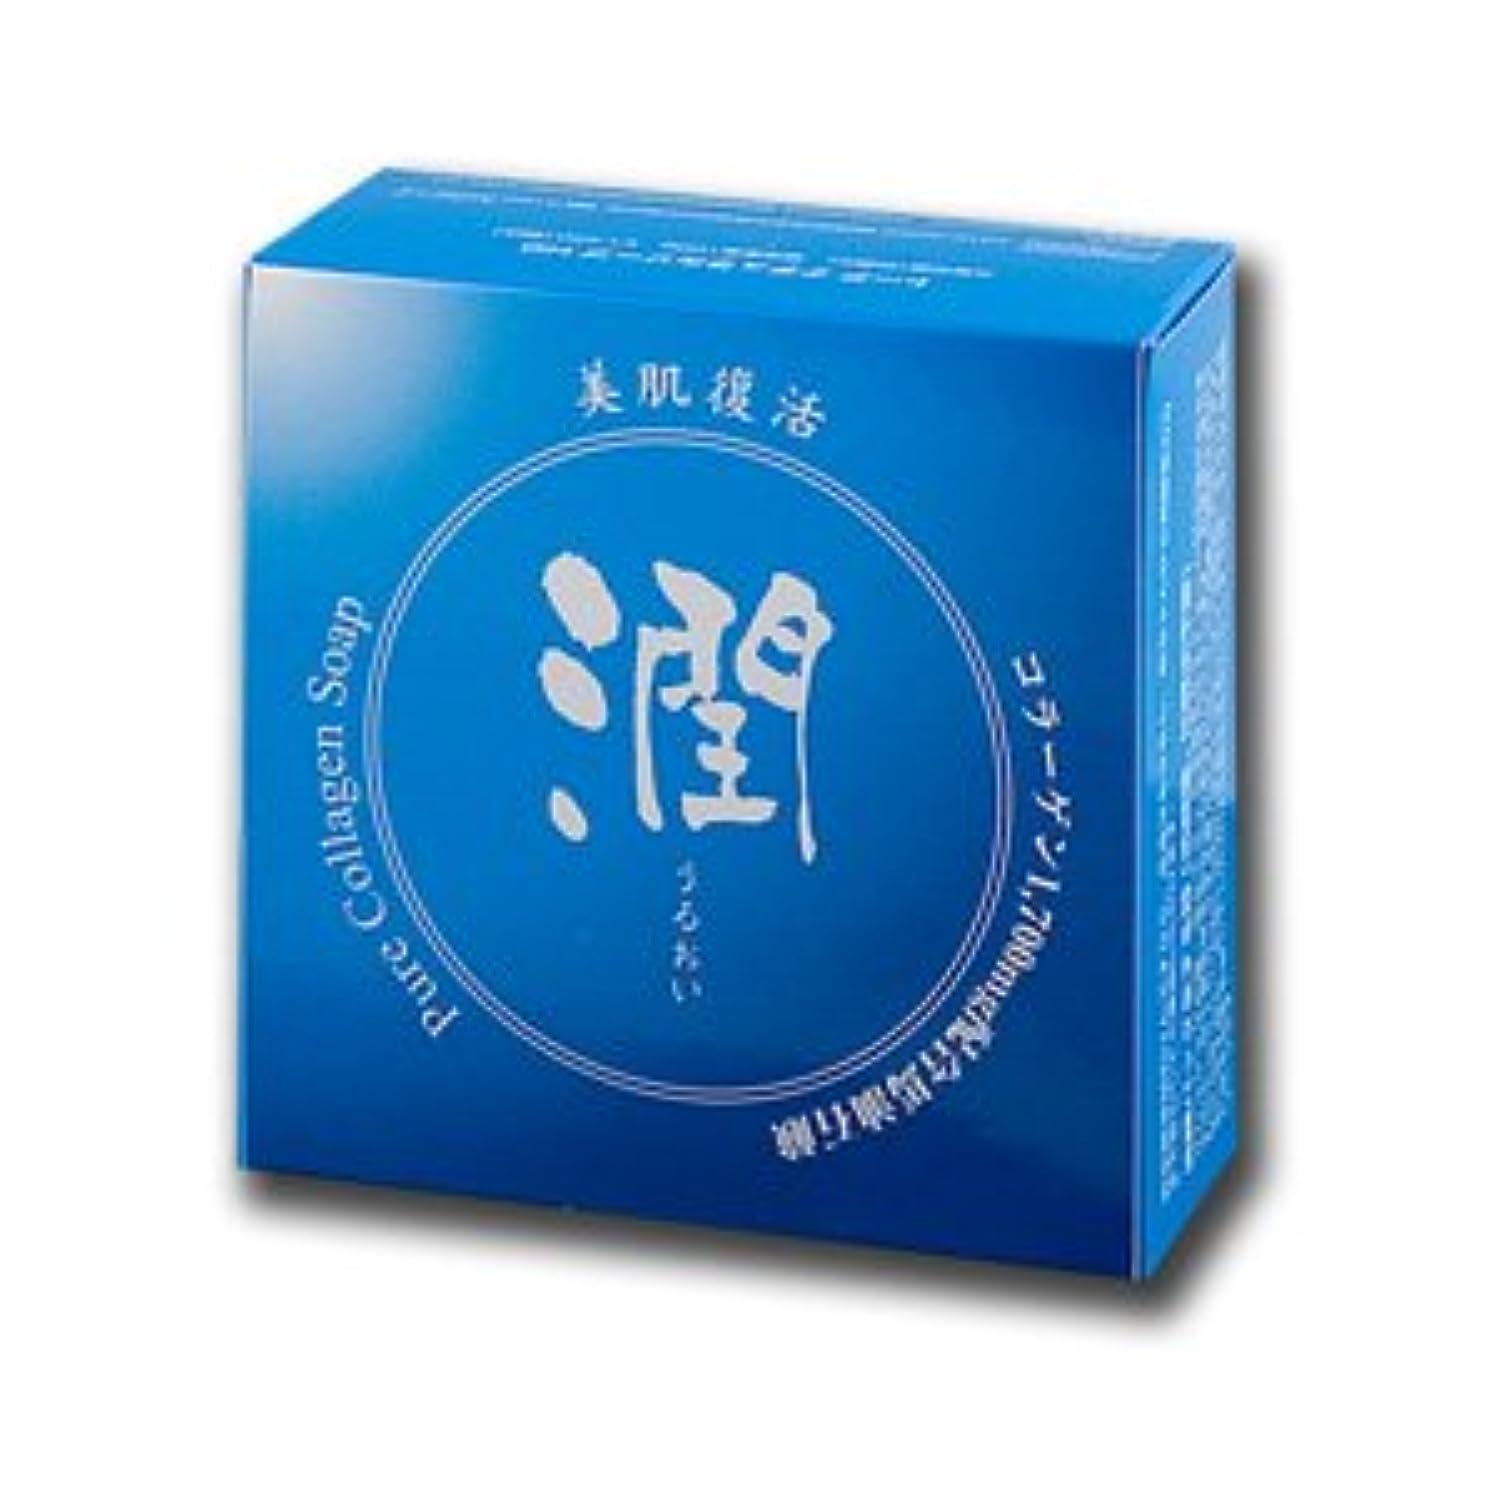 真空談話蒸発コラーゲン馬油石鹸 潤 100g (#800410) ×3個セット